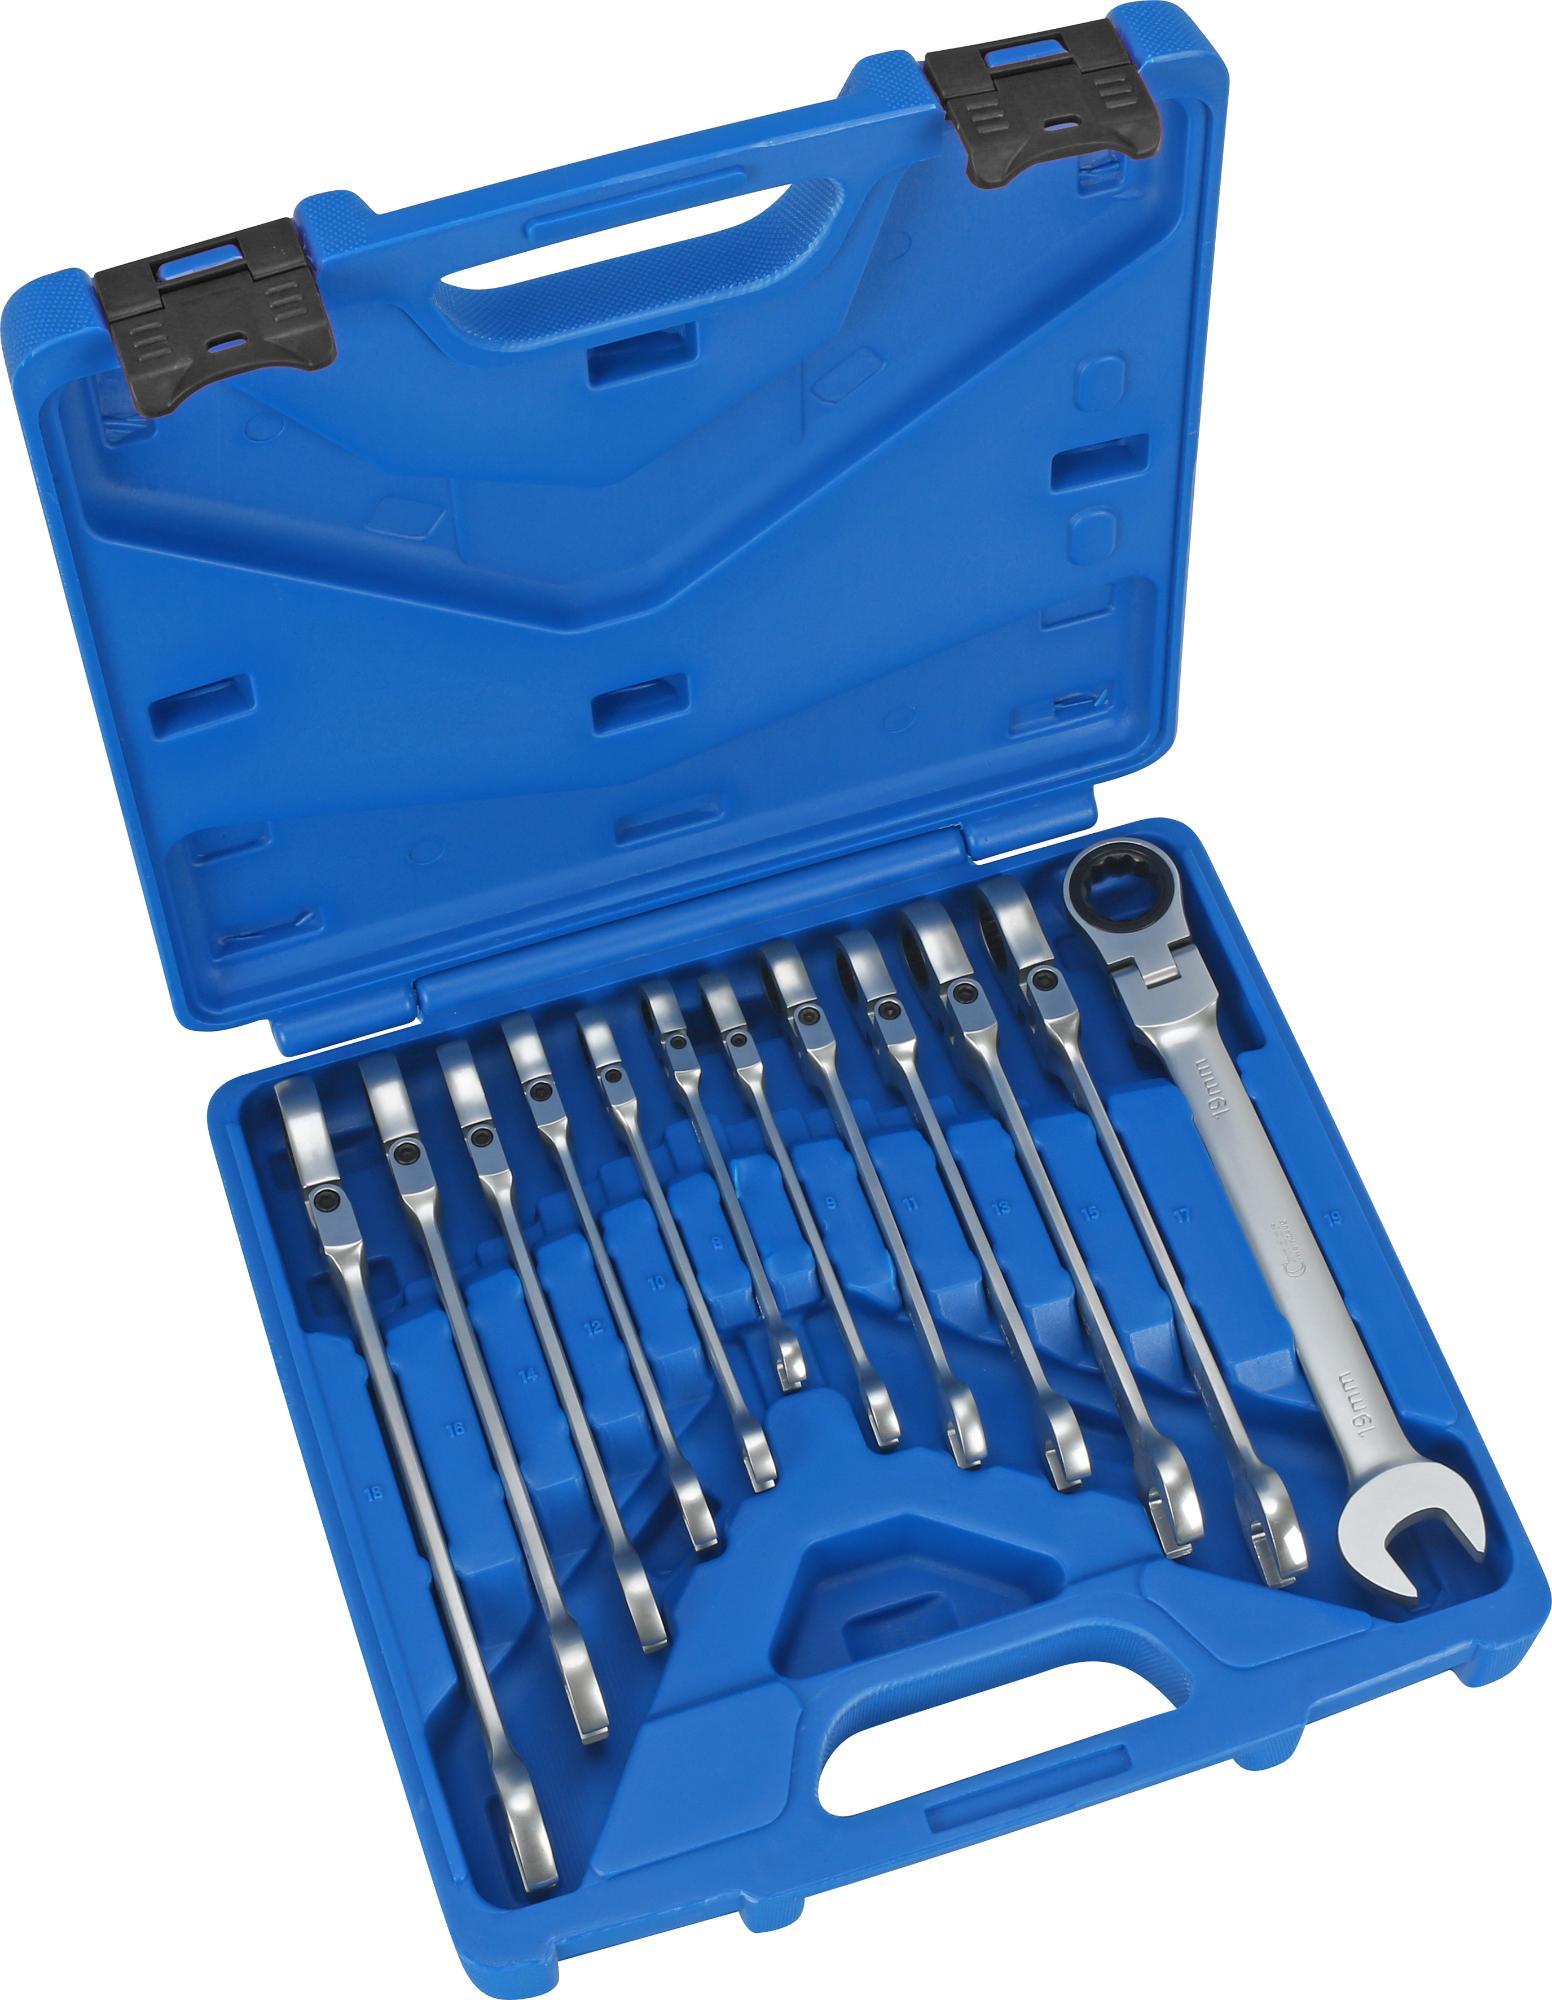 Sada račňových kľúčov očko-vidlica , 12-dielna., kĺb, 8-19 mm